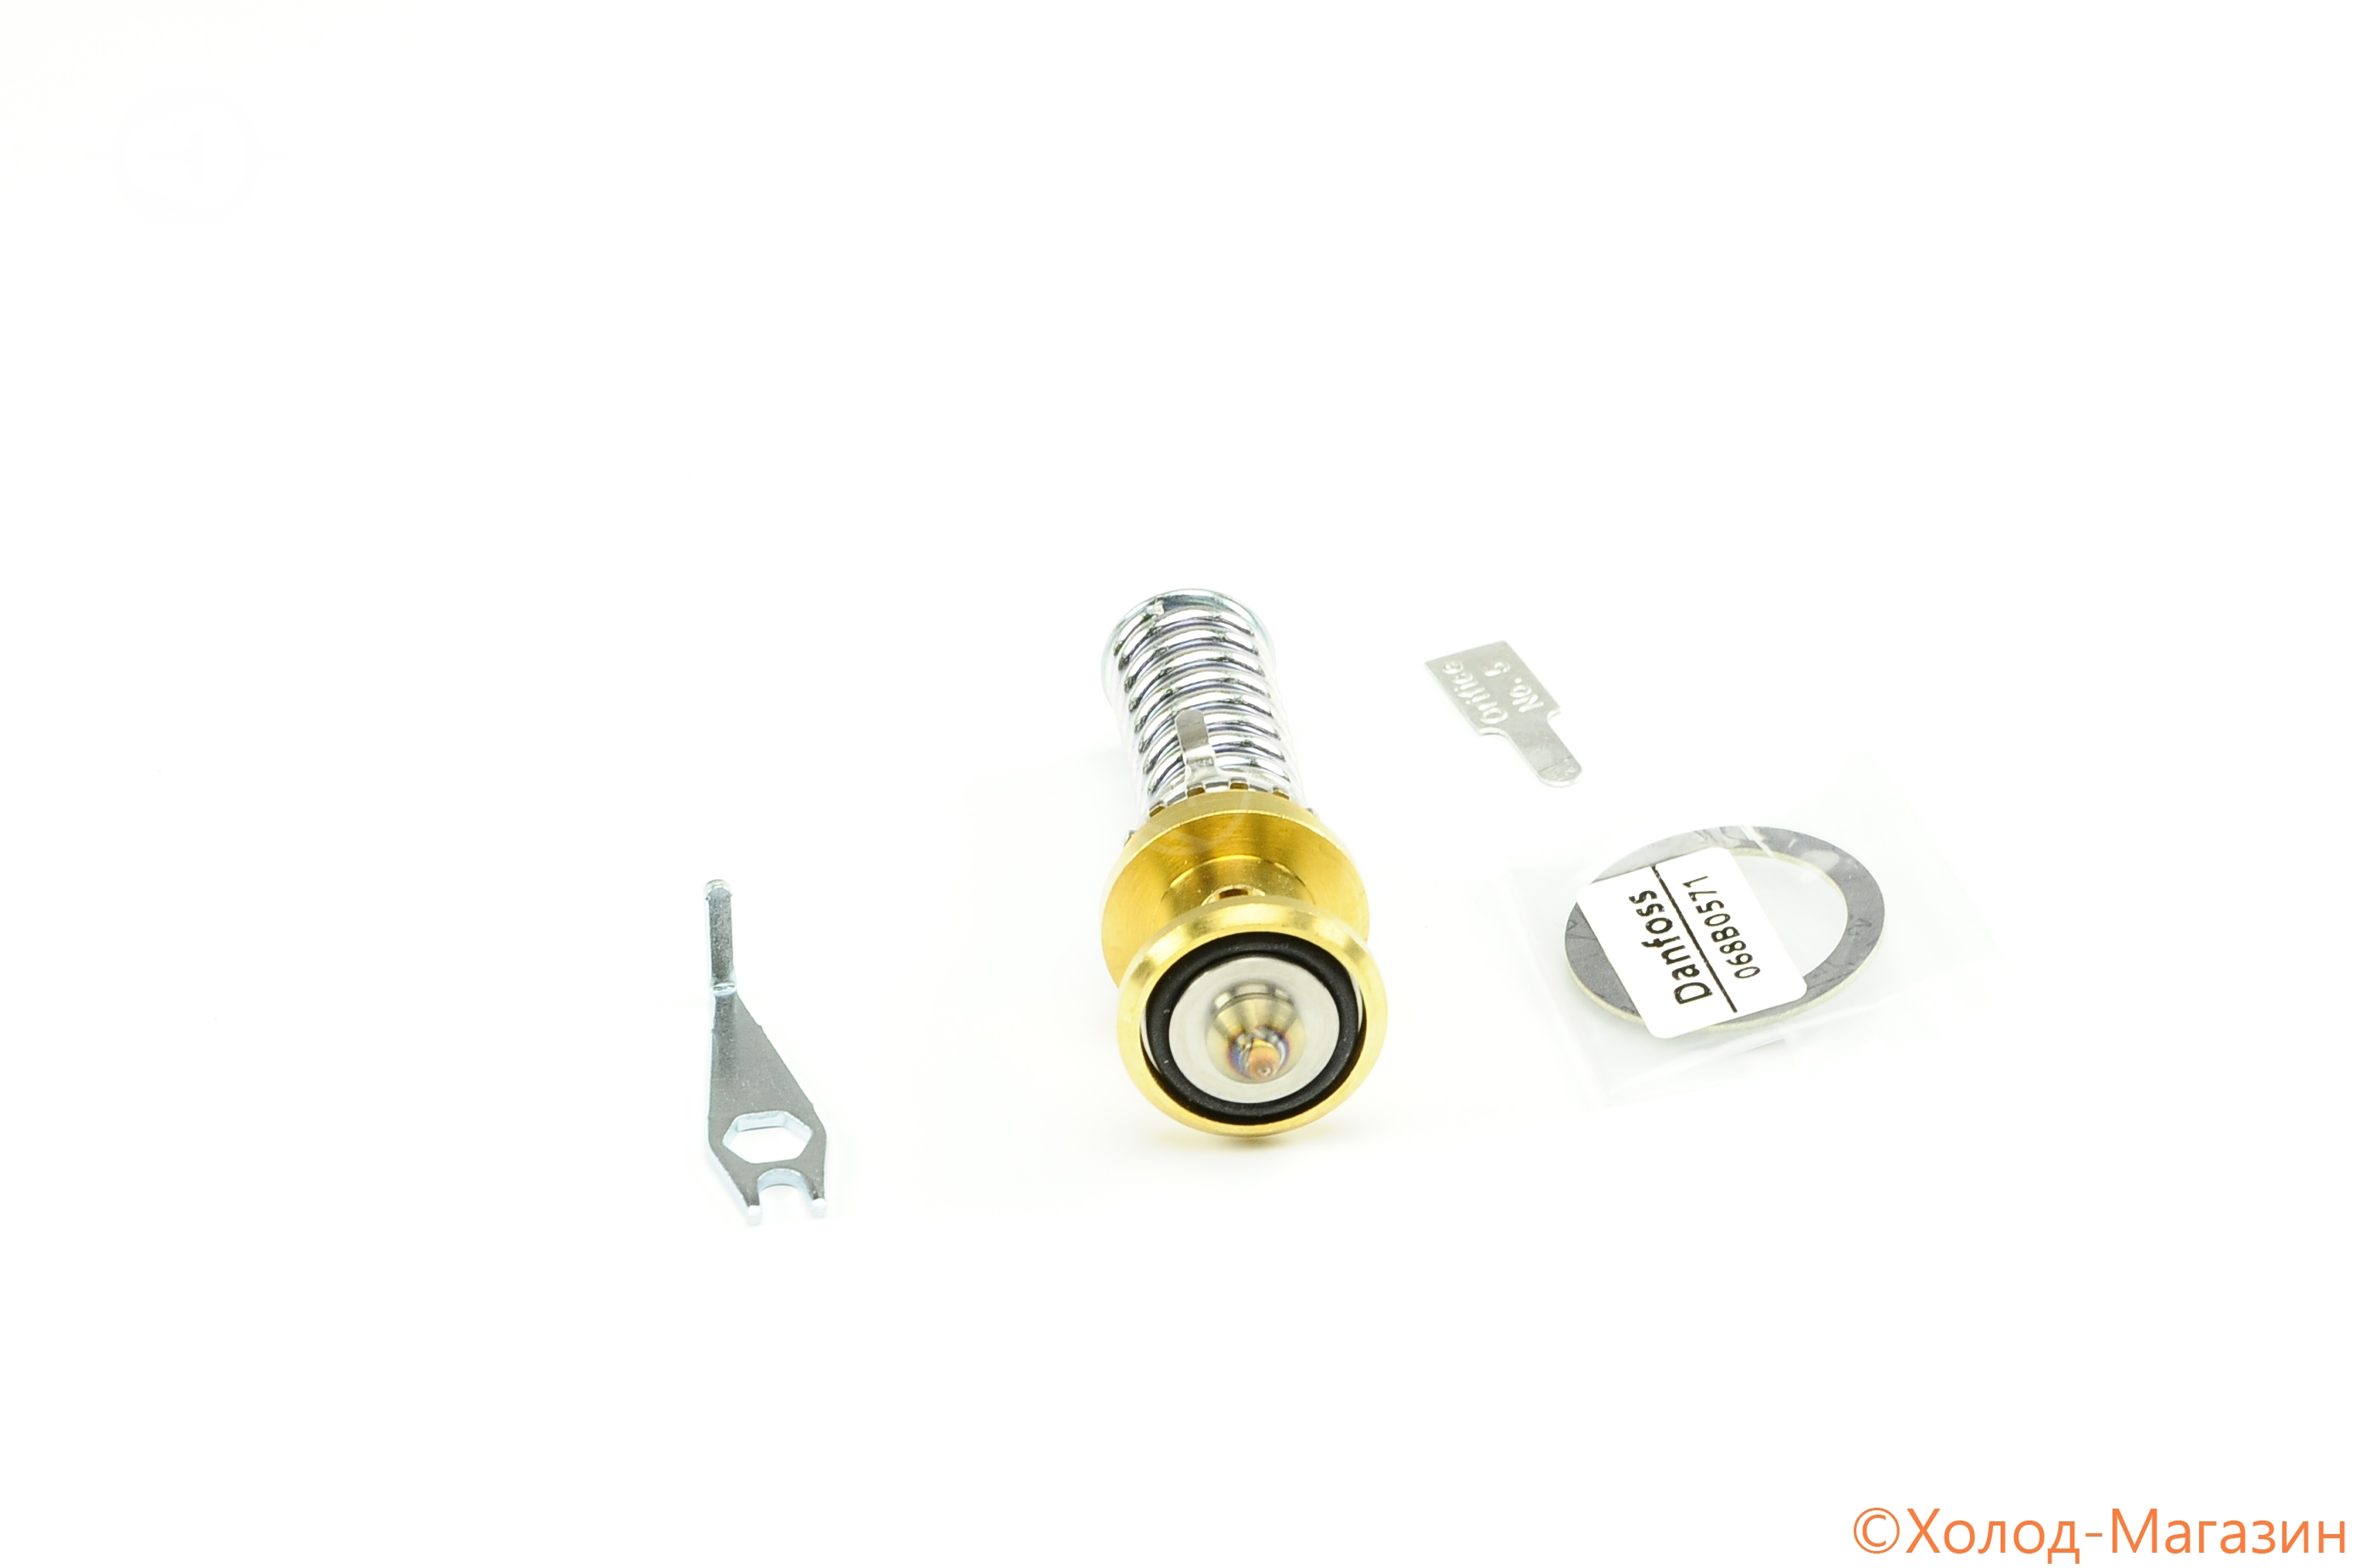 Узел клапанный № 5 (TE 12), Danfoss